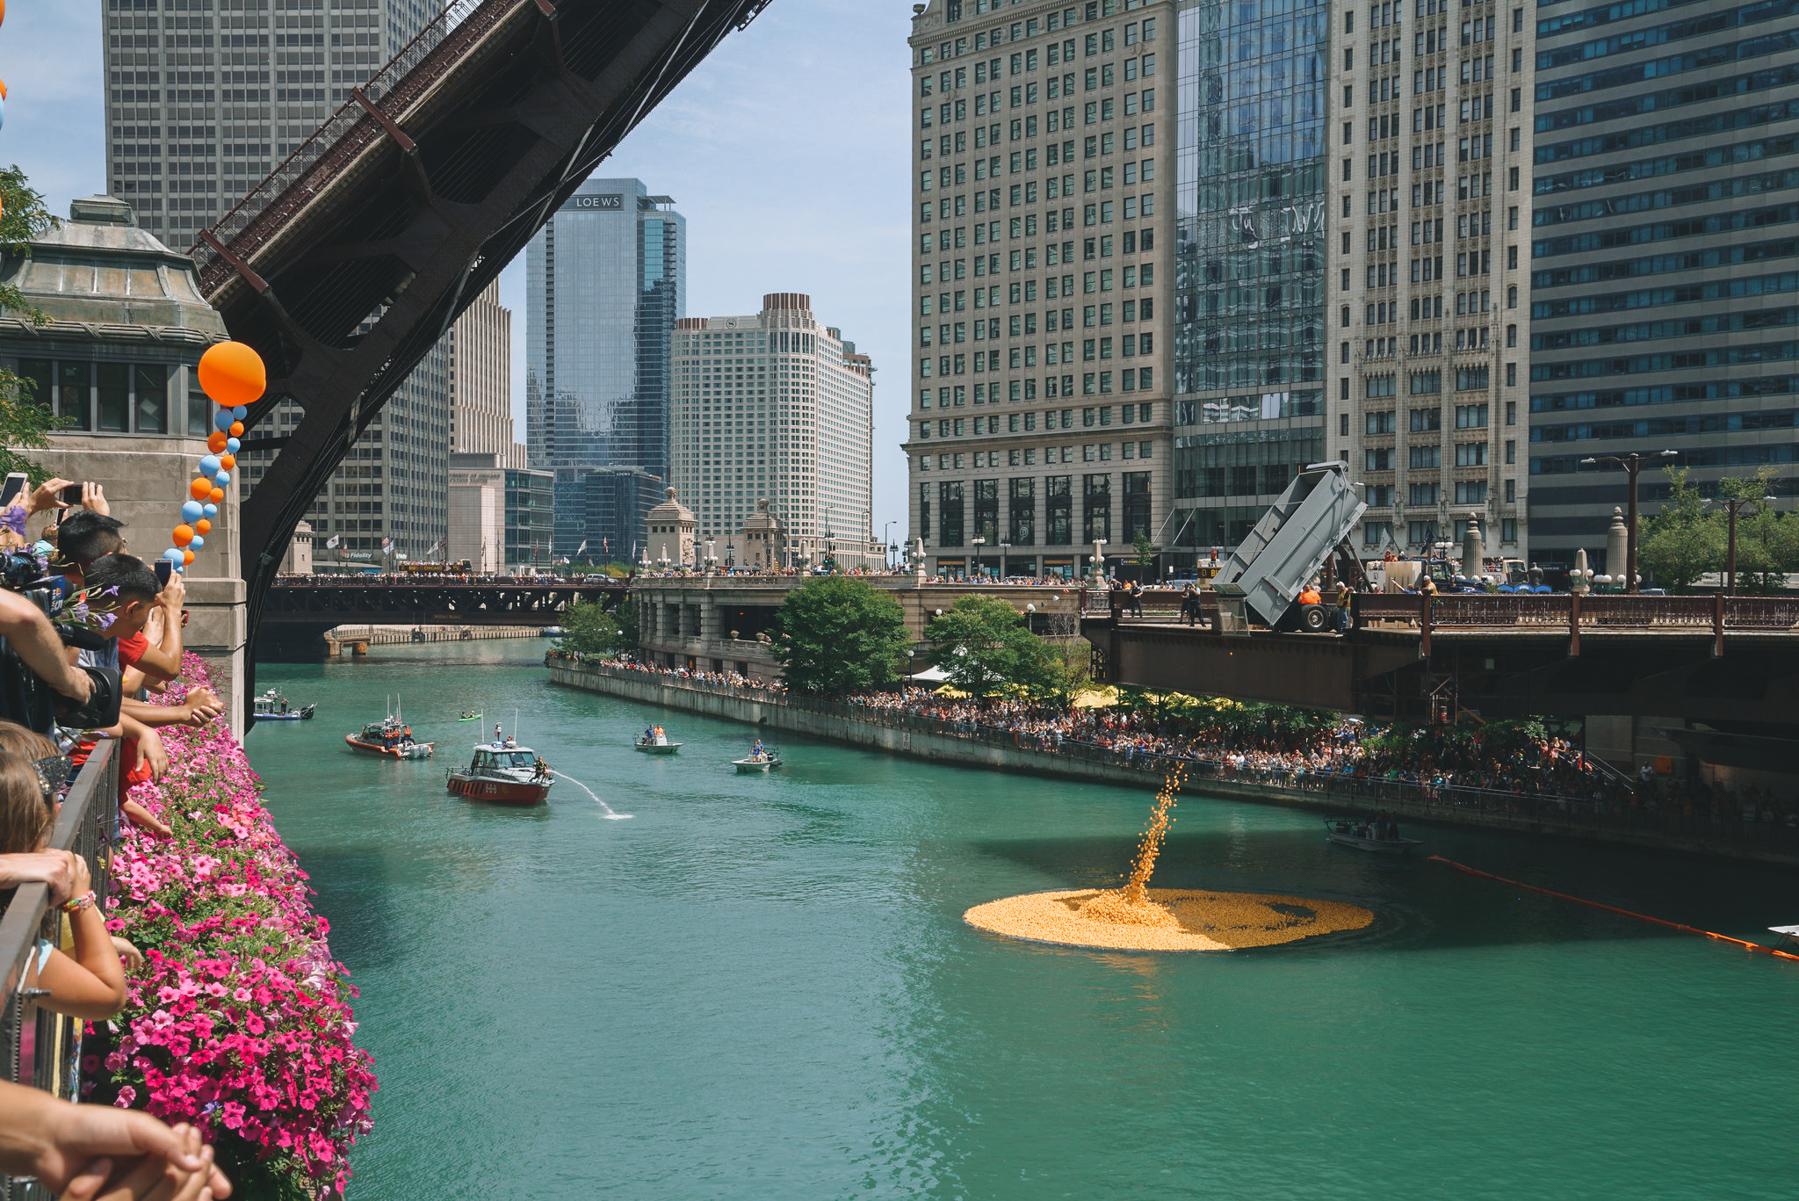 Chicago Ducky Derby 2021 details